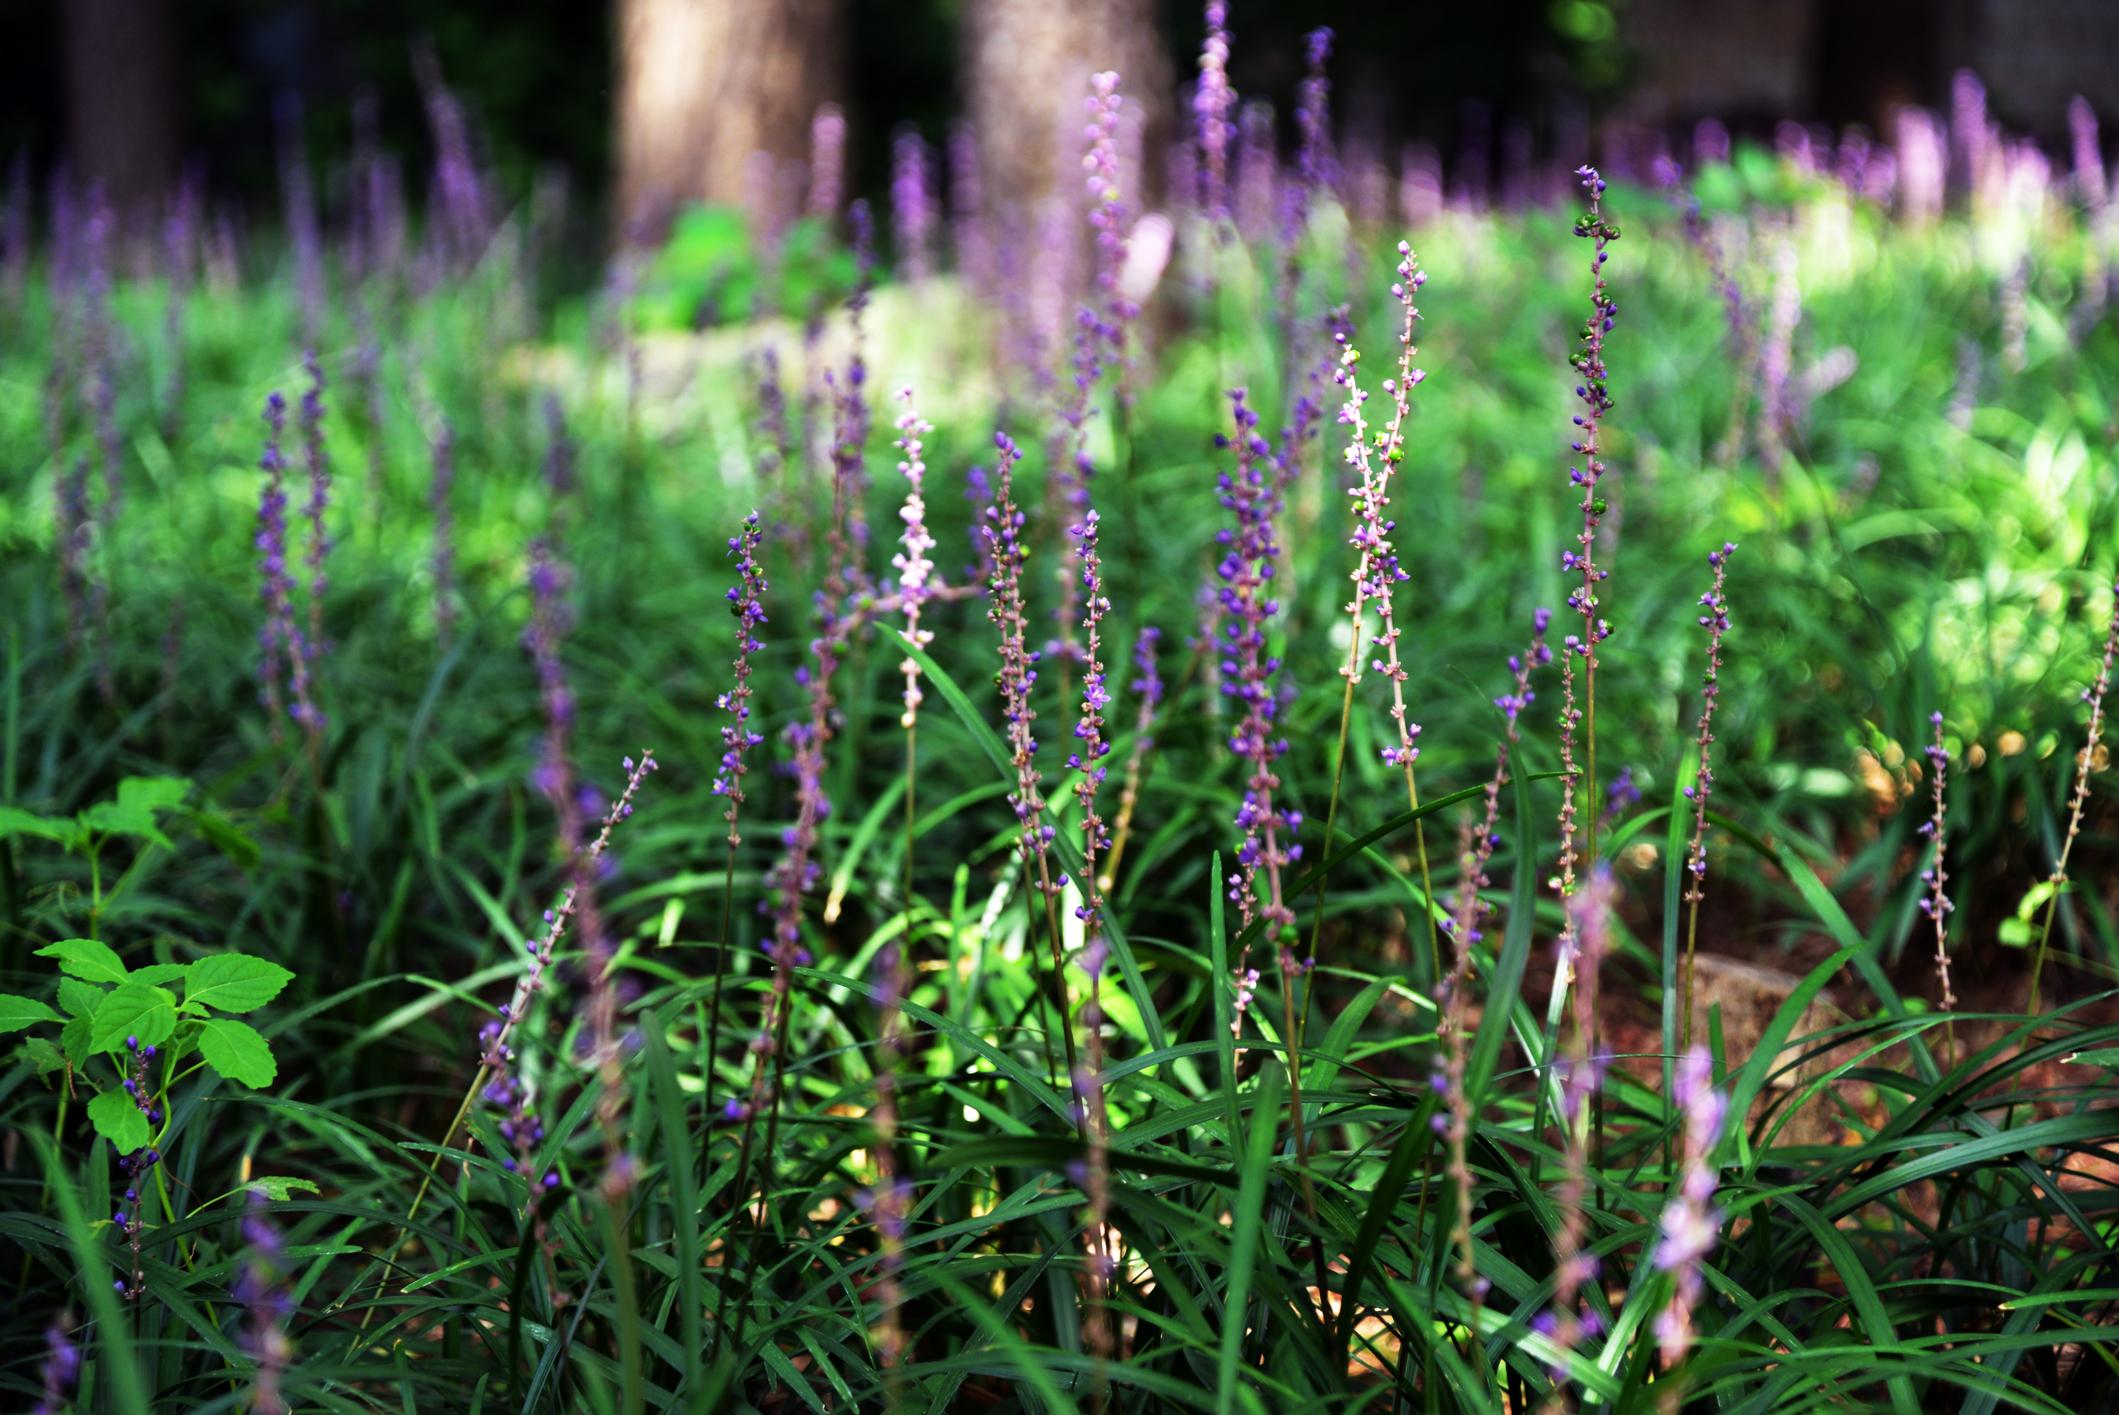 紫色の花としゅっとした細長い葉が印象的な植物。葉の外側が白い斑でおおわれた「斑入りヤブラン」と呼ばれる品種が人気で、よく使用されています。